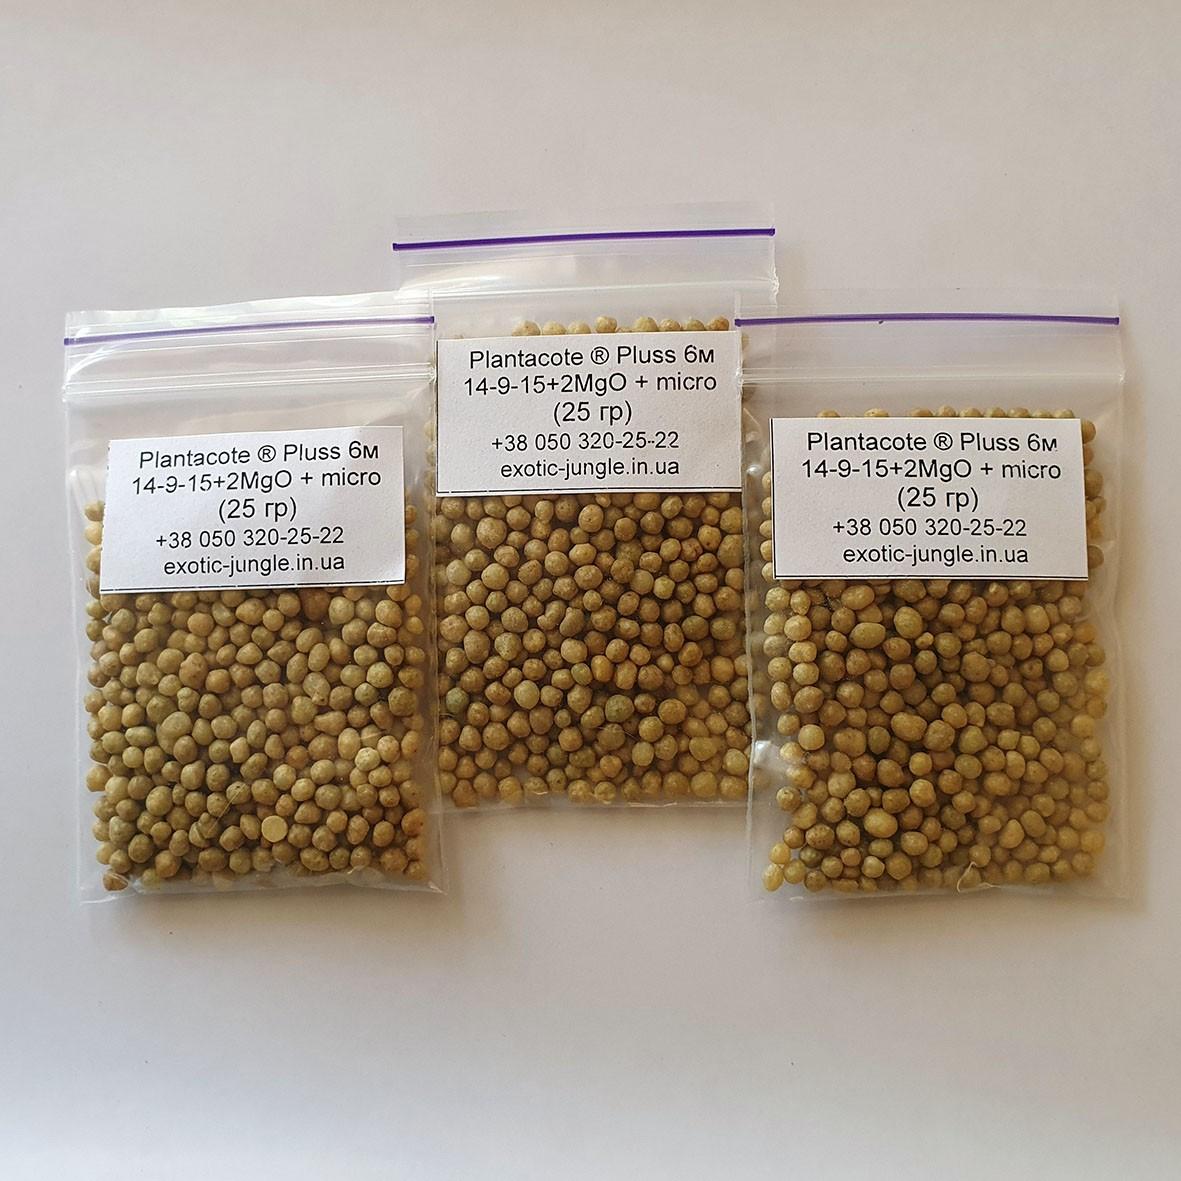 Plantacote ® Pluss 6м 14-9-15+2MgO + micro (25 гр)